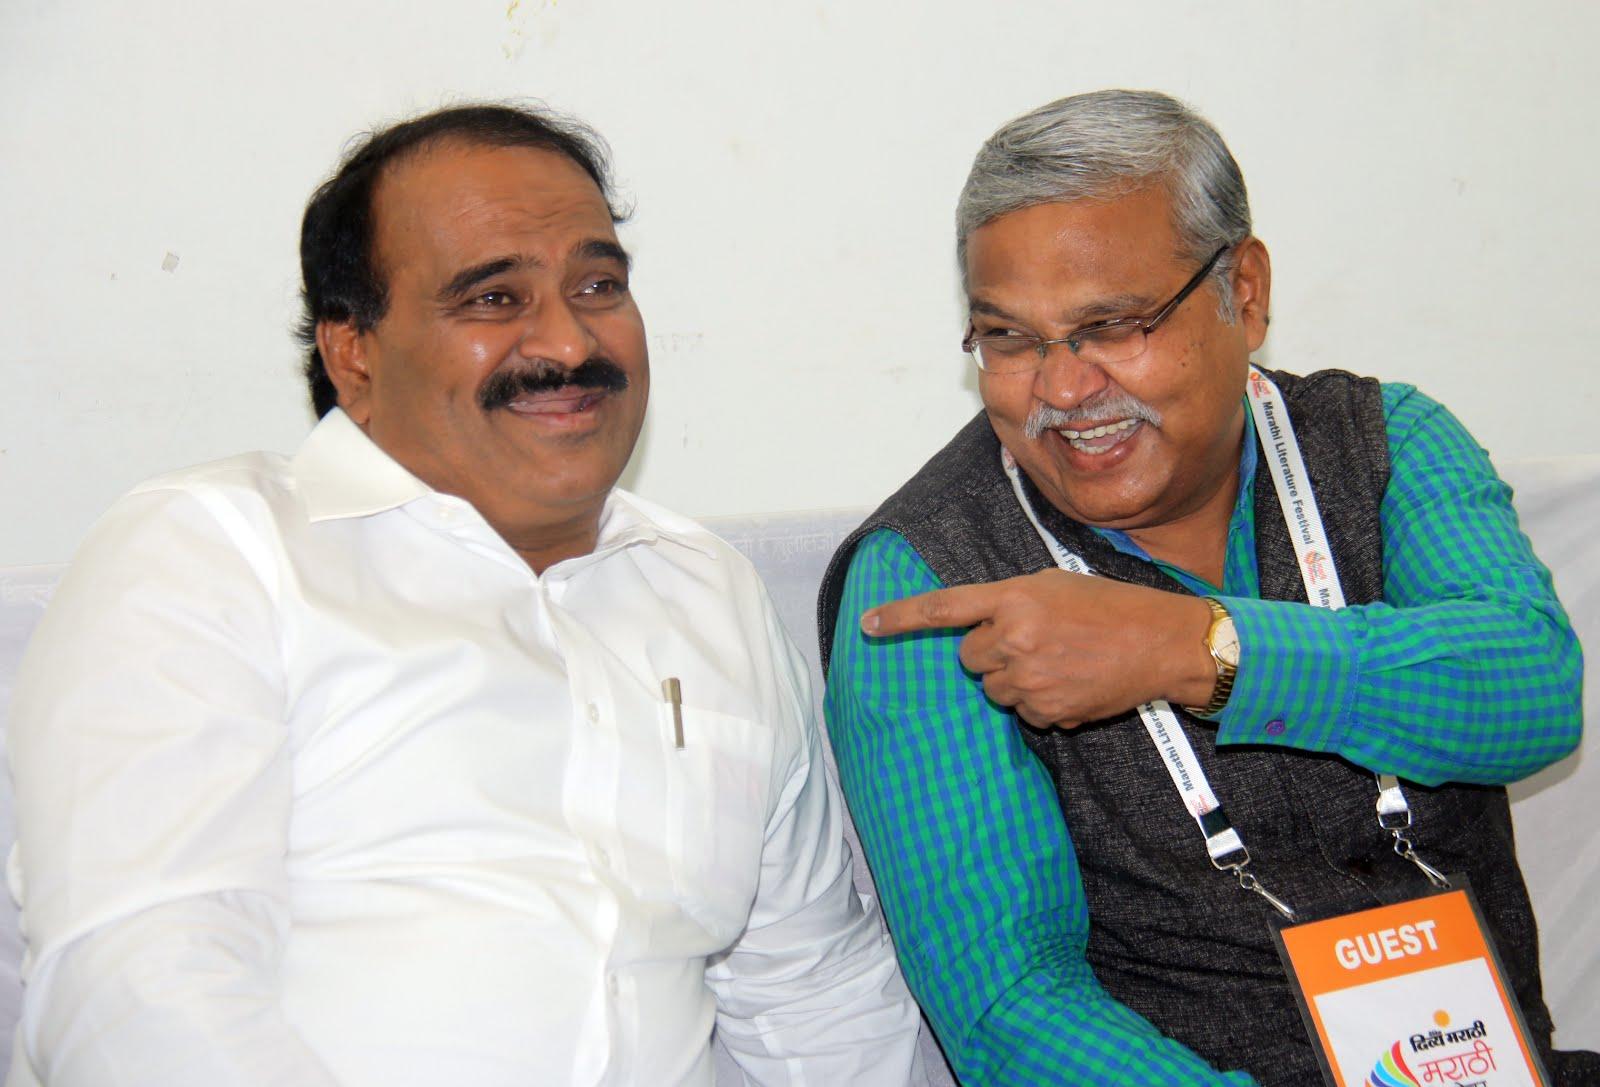 Vishwas Patil